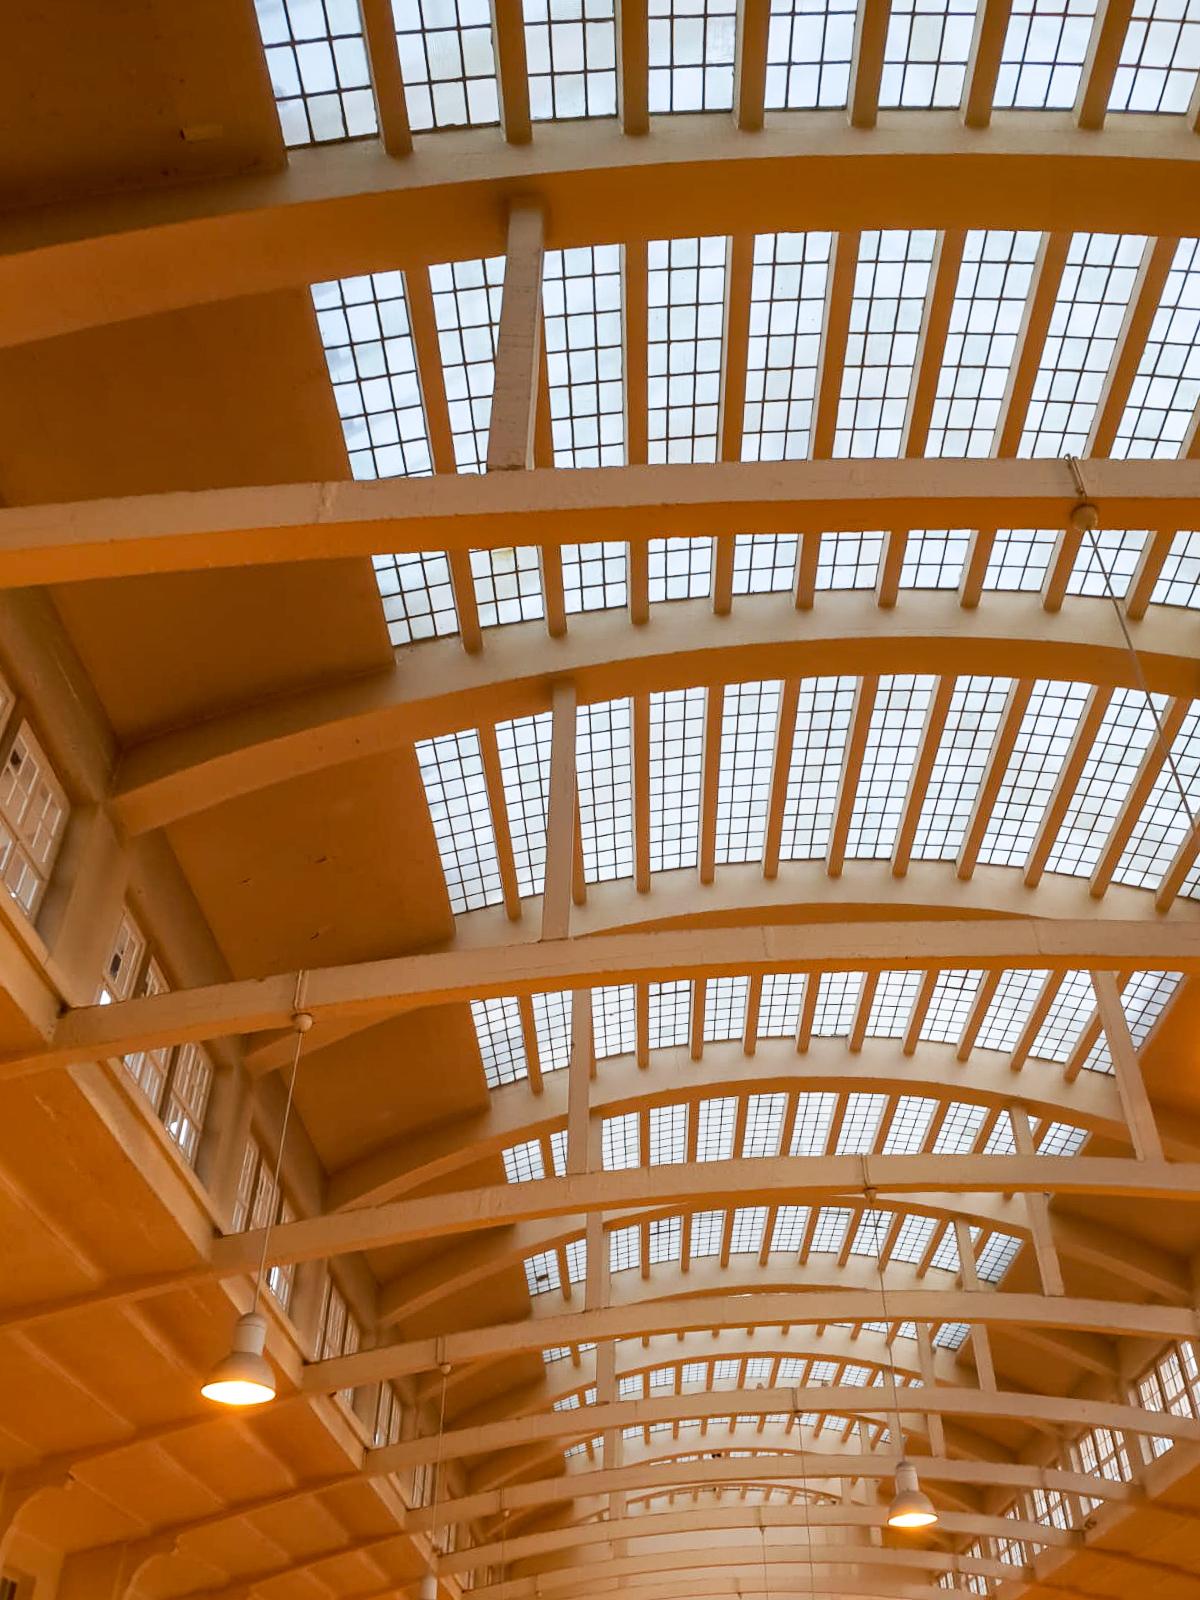 Markthalle, 1911-1914. Architekt: Martin Elsaesser